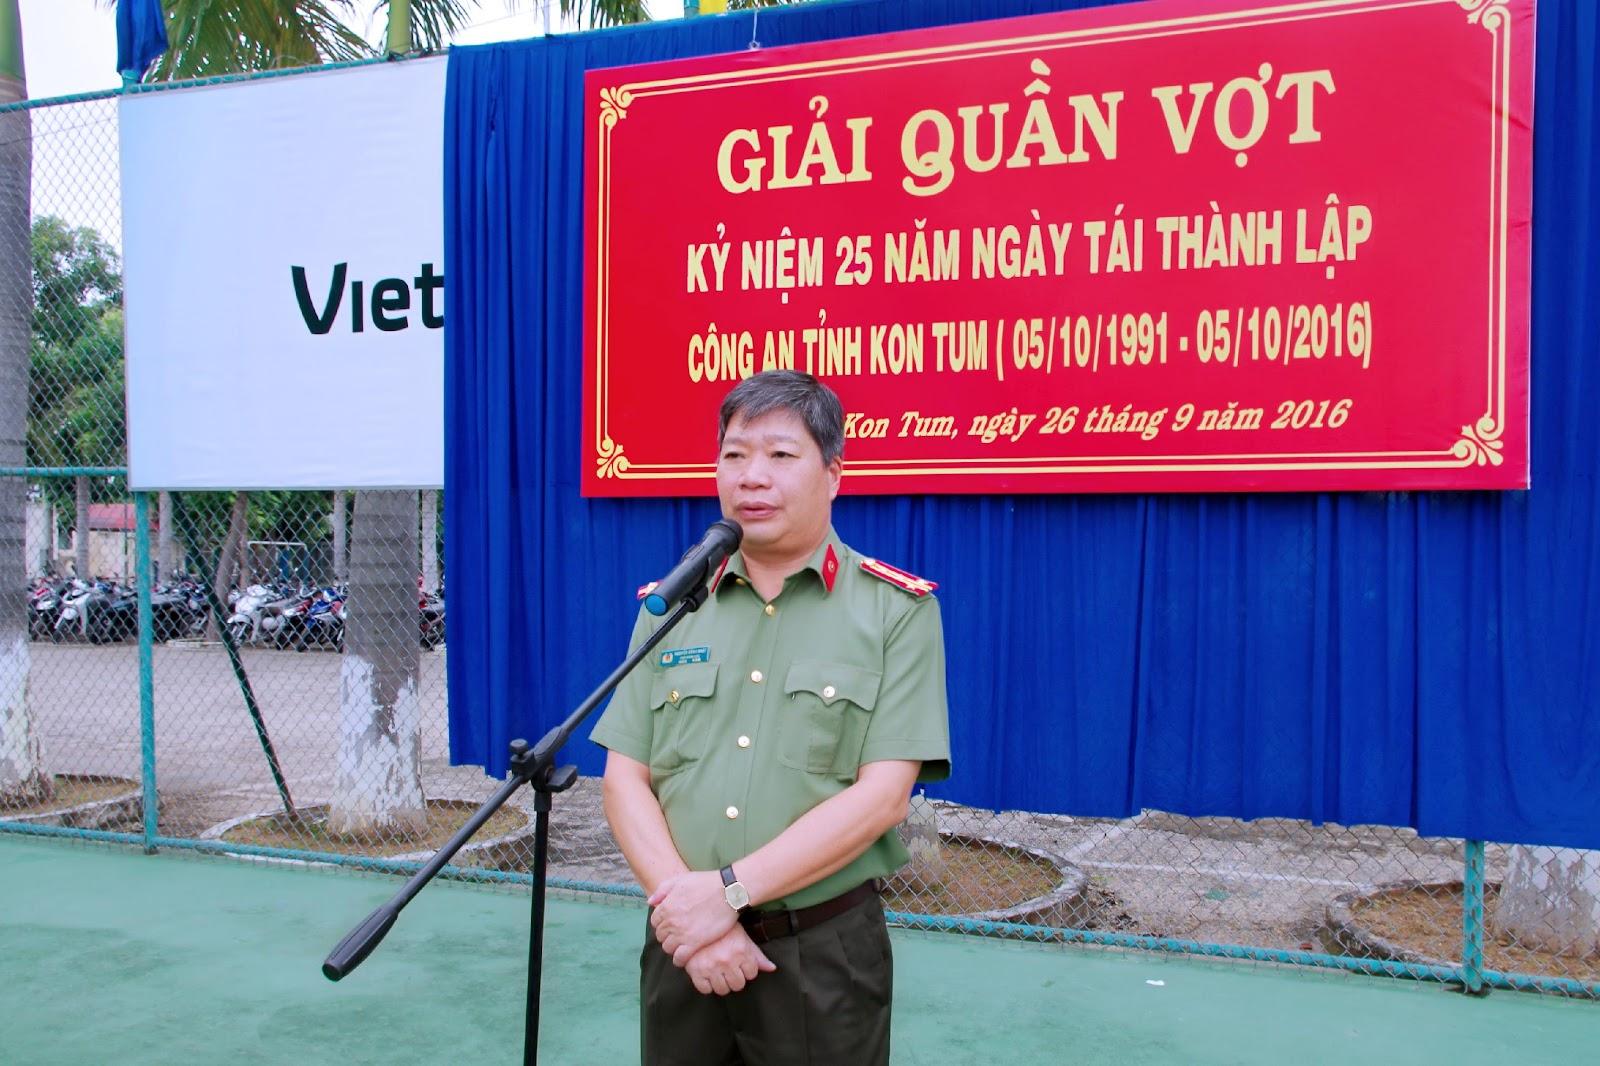 Khai mạc giải quần vợt kỷ niệm 25 năm Ngày tái thành lập Công an tỉnh Kon Tum (5/10)